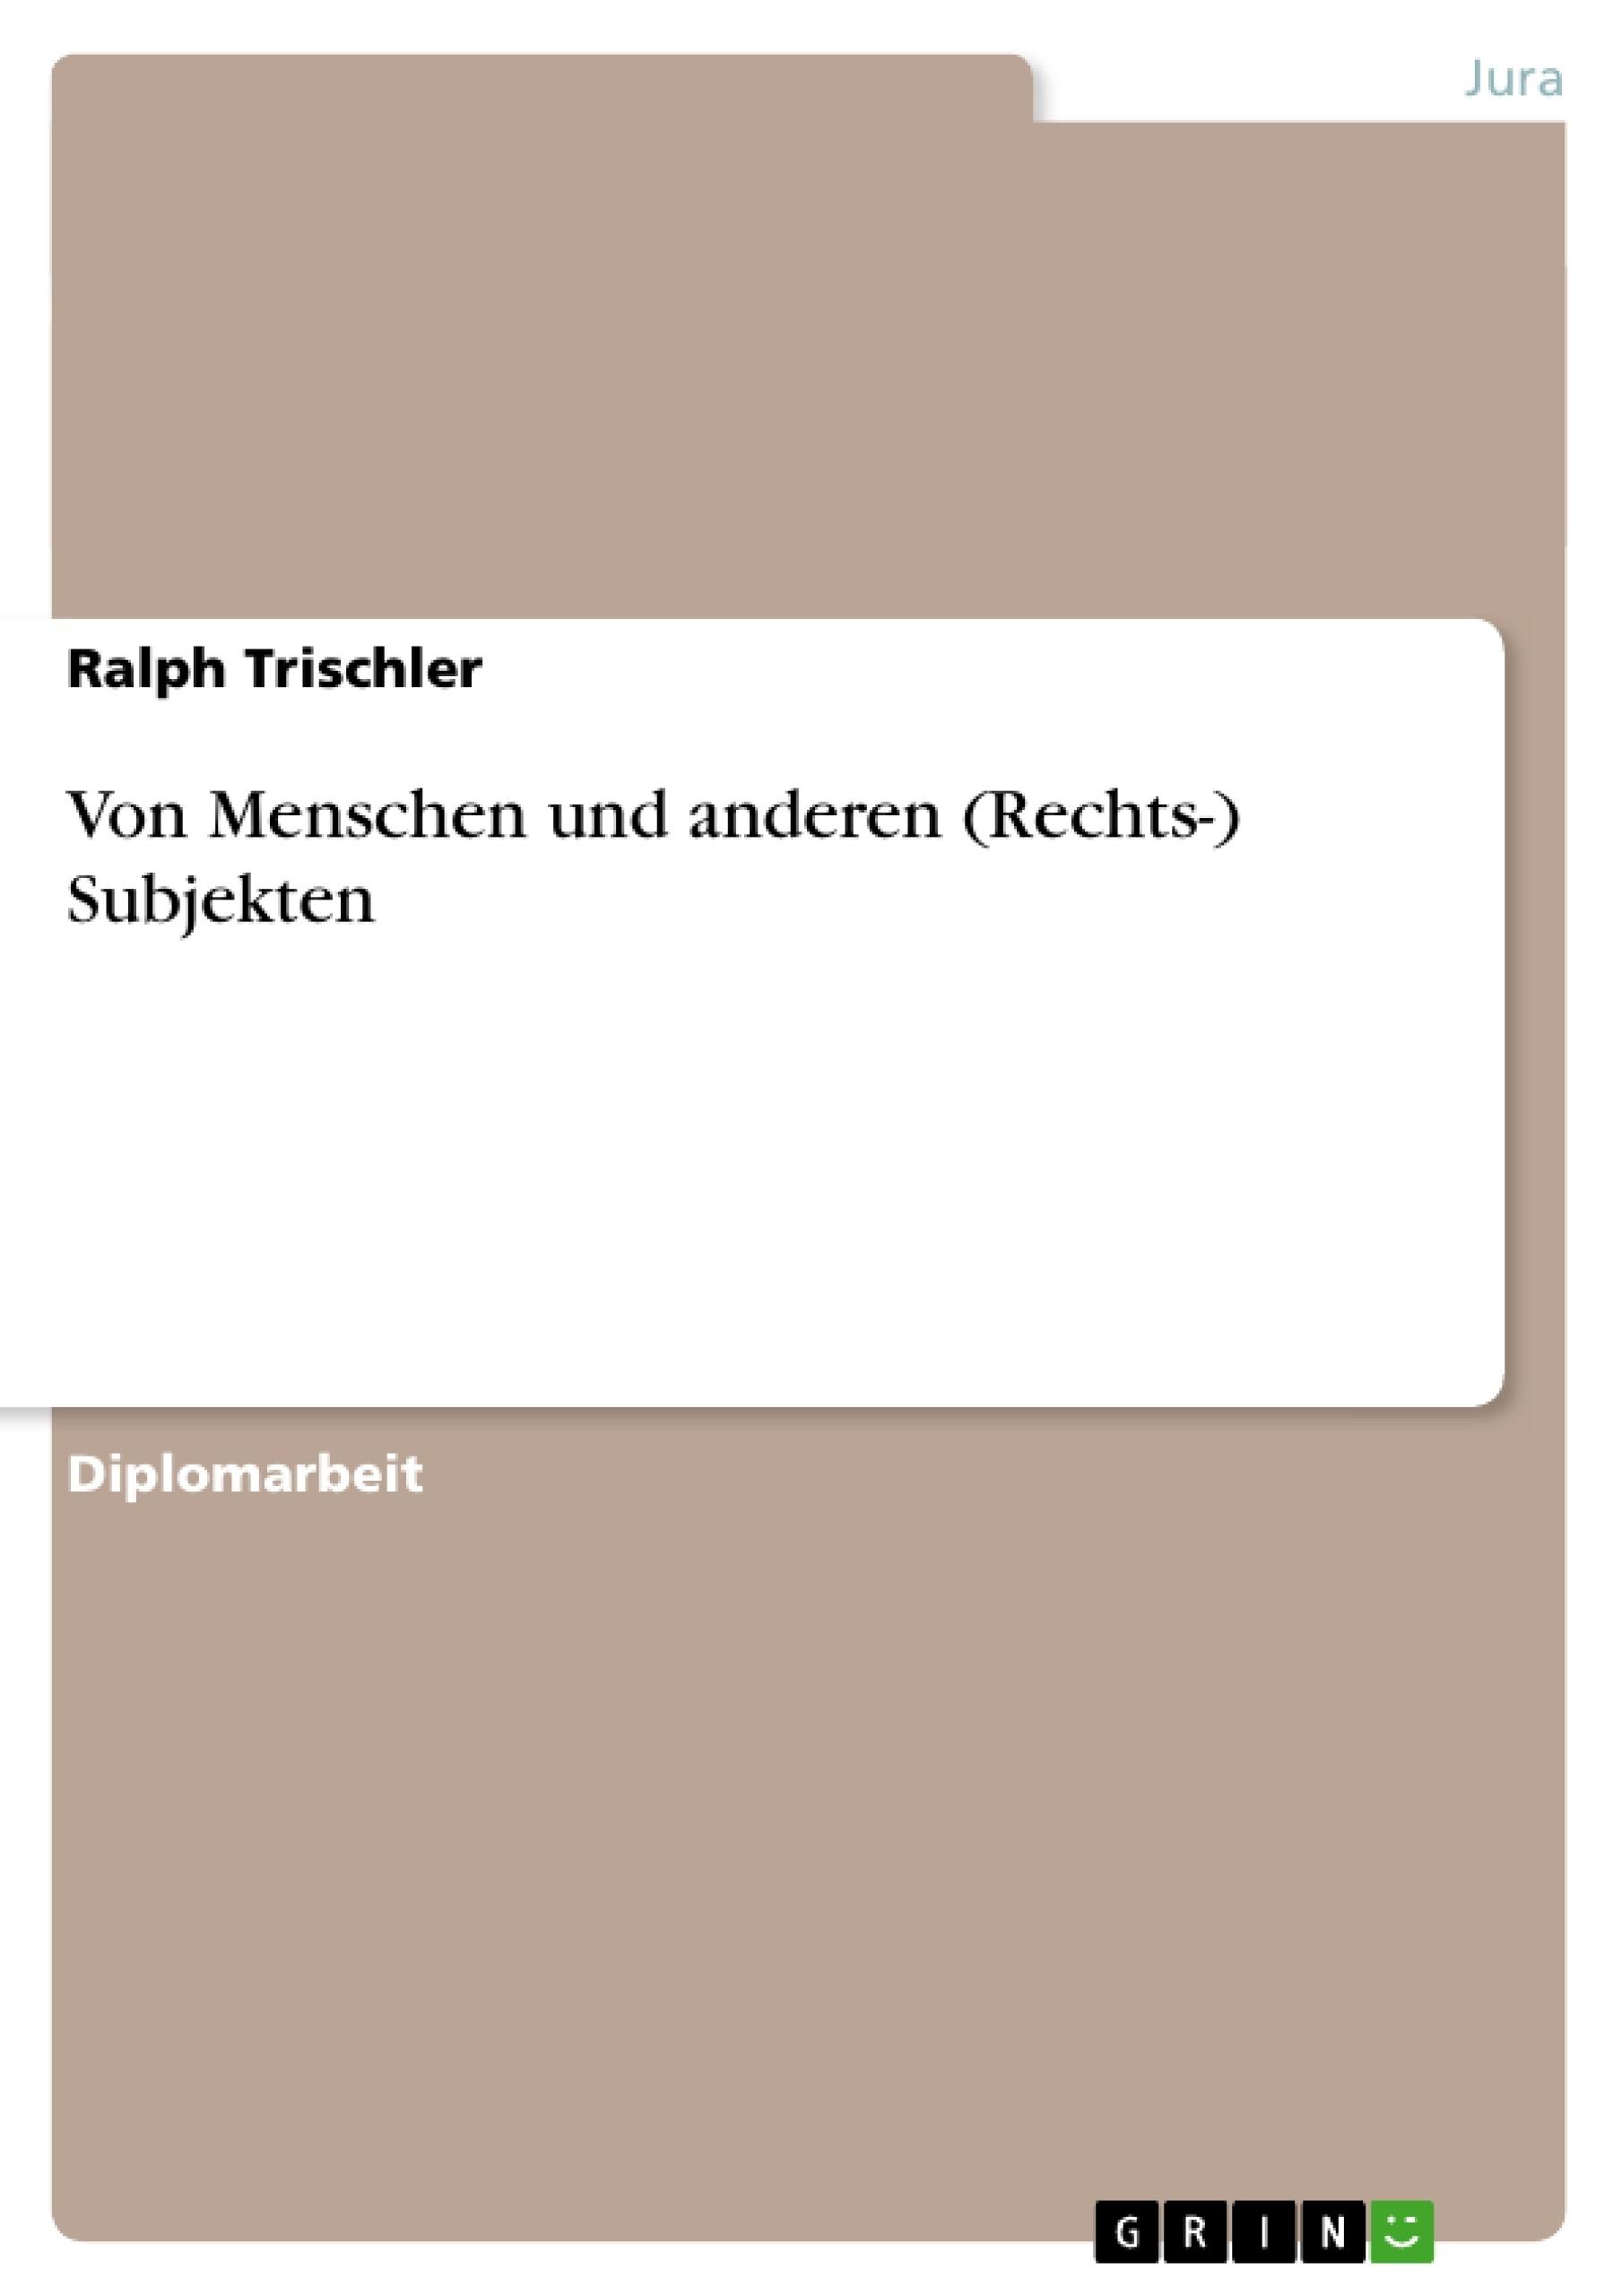 Titel: Von Menschen und anderen (Rechts-) Subjekten